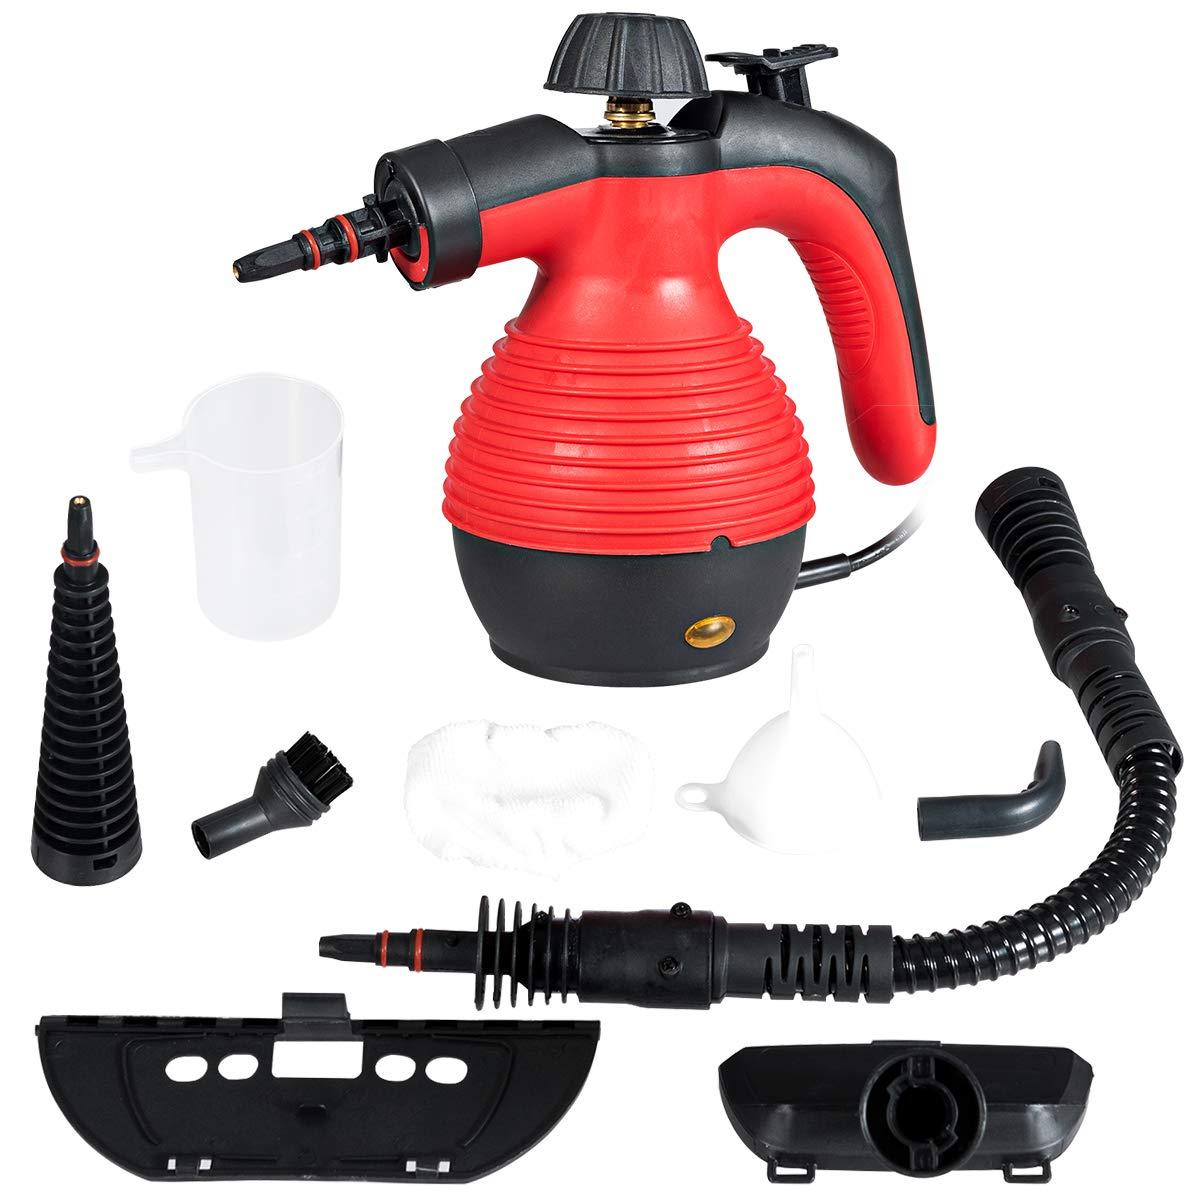 Goplus Handheld Pressurized Steam Cleaner, Multi-Purpose Steamer, Steam Iron, 1050W, W/Attachments (Red) by Goplus